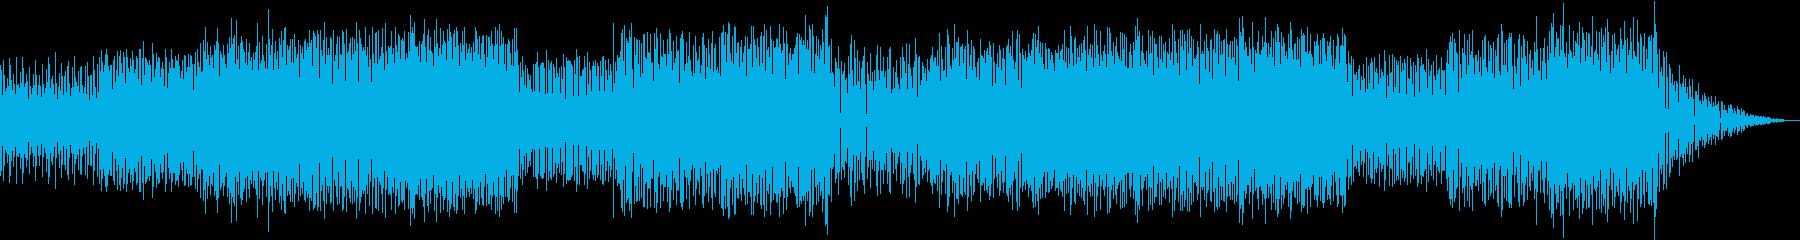 頭脳系バトルな雰囲気のクールEDM-2の再生済みの波形